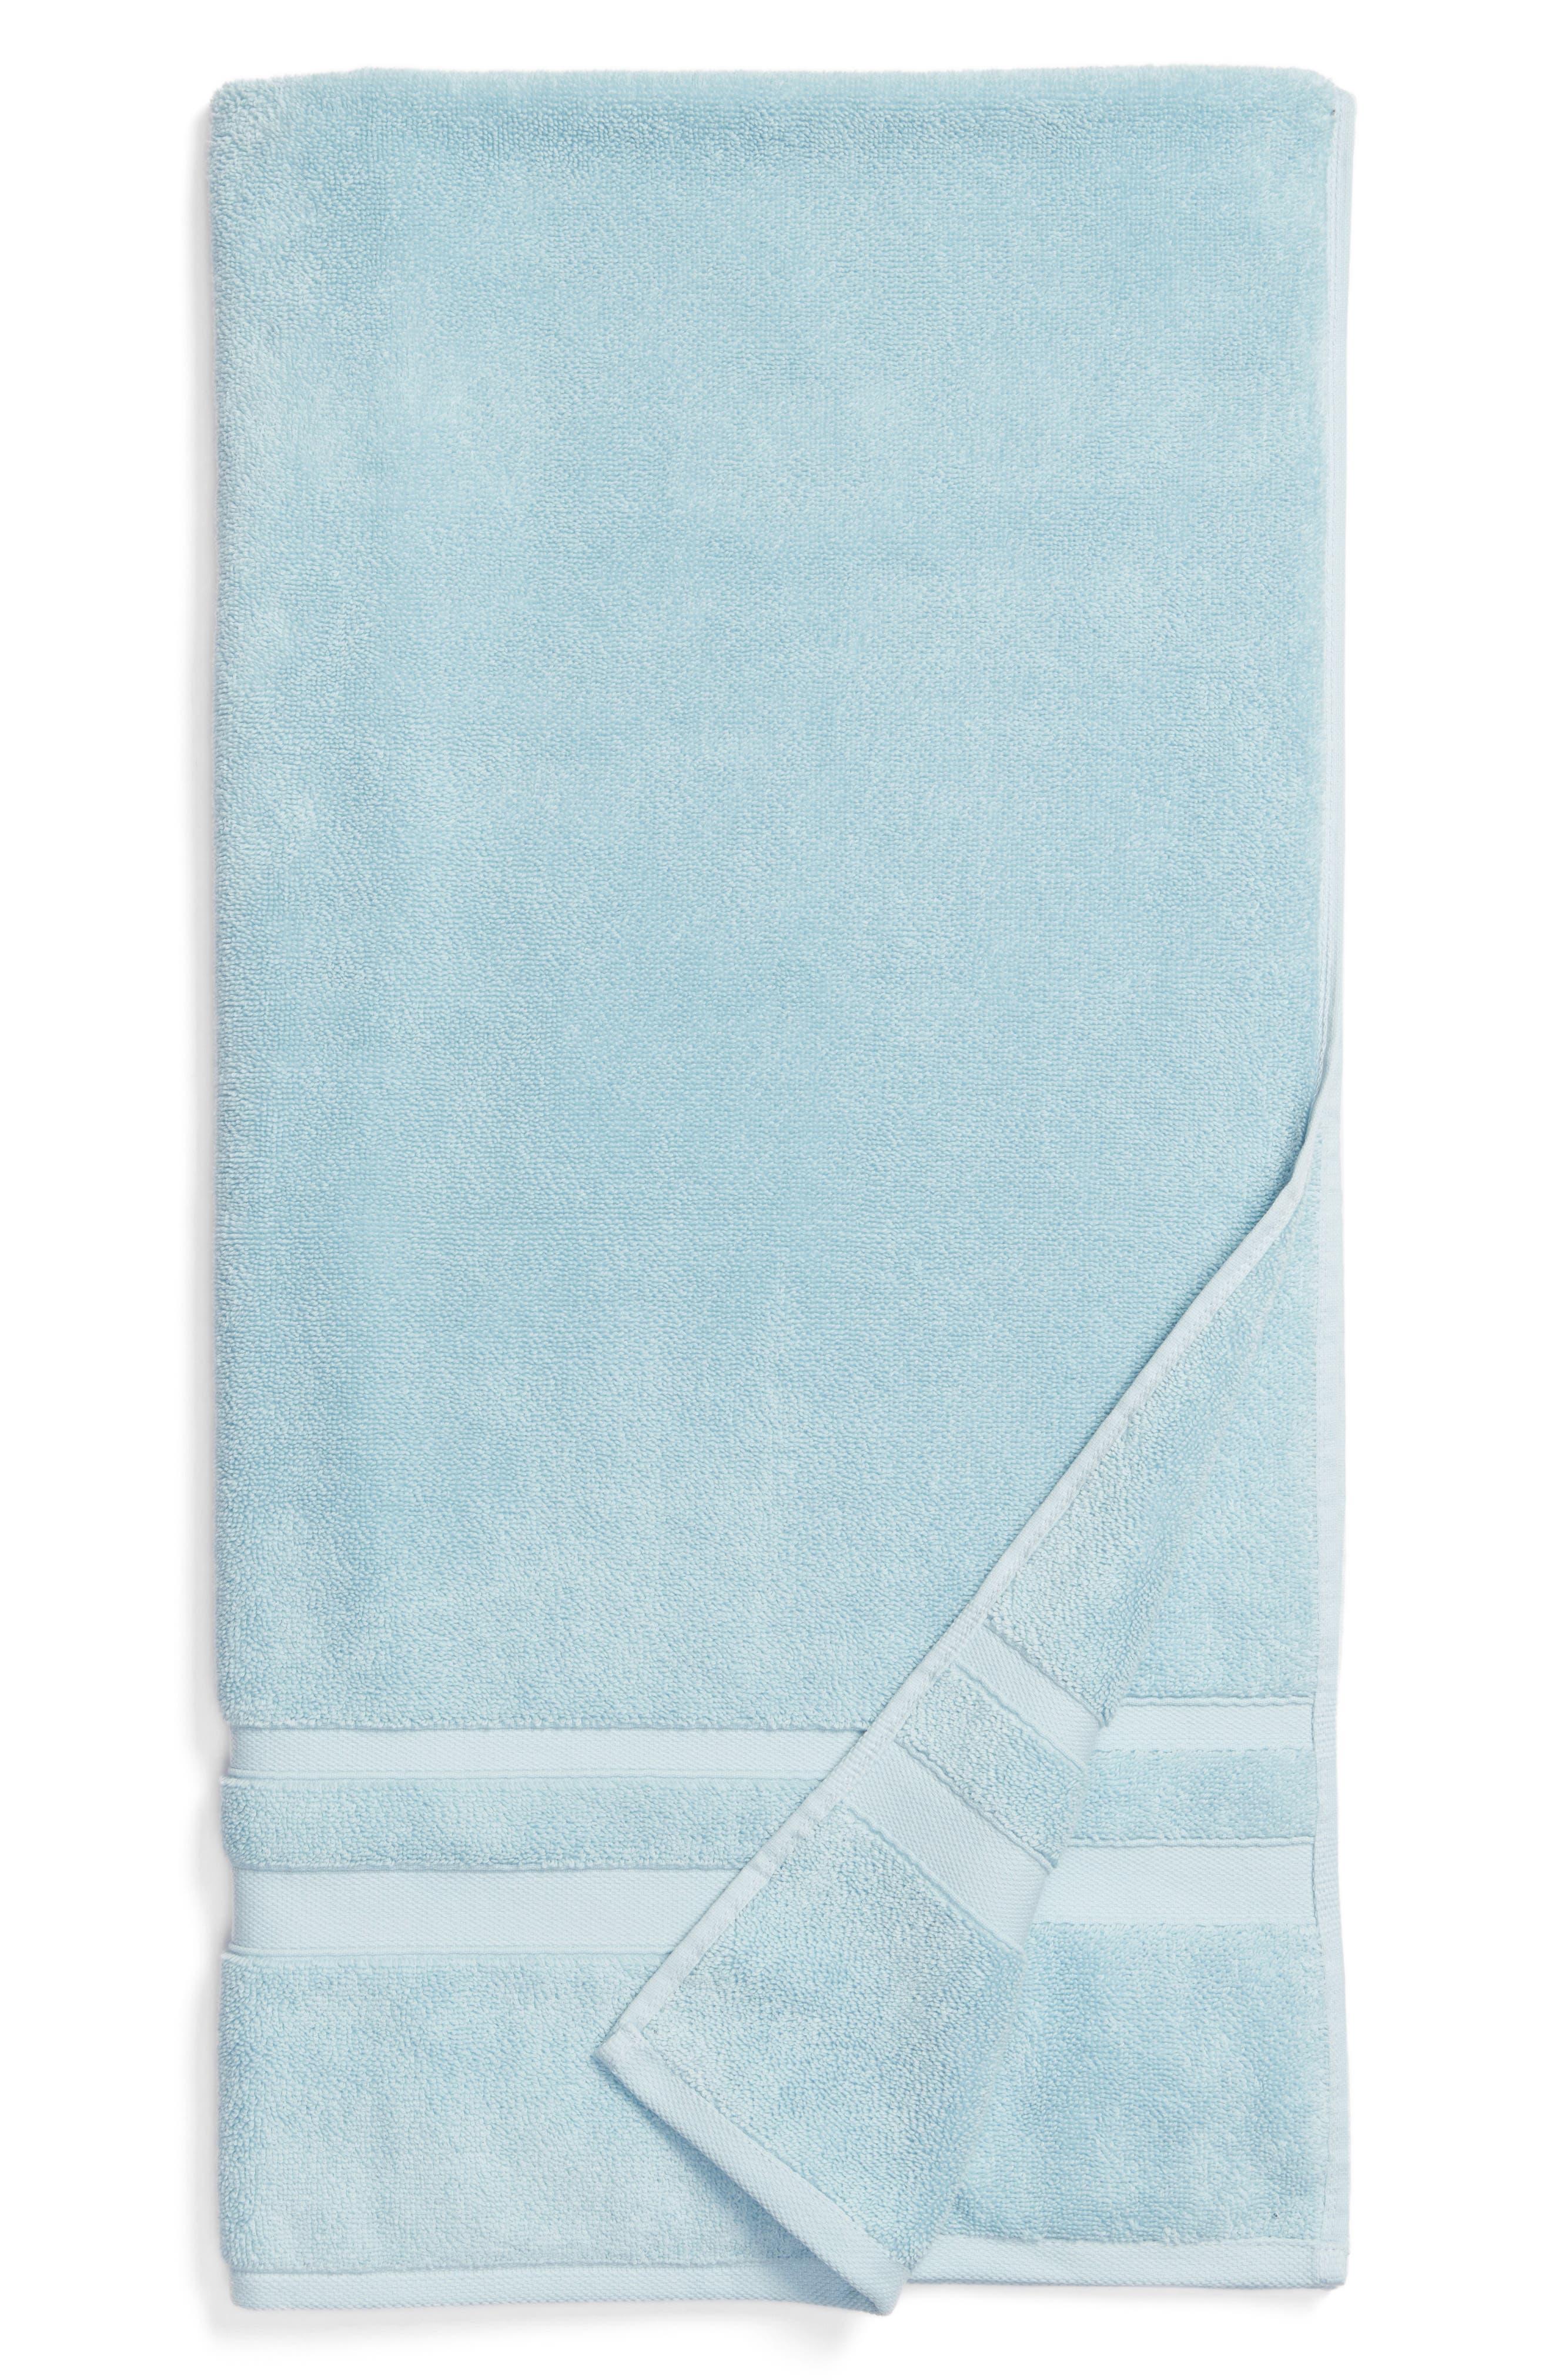 Waterworks Studio 'Perennial' Turkish Cotton Bath Towel (Online Only)